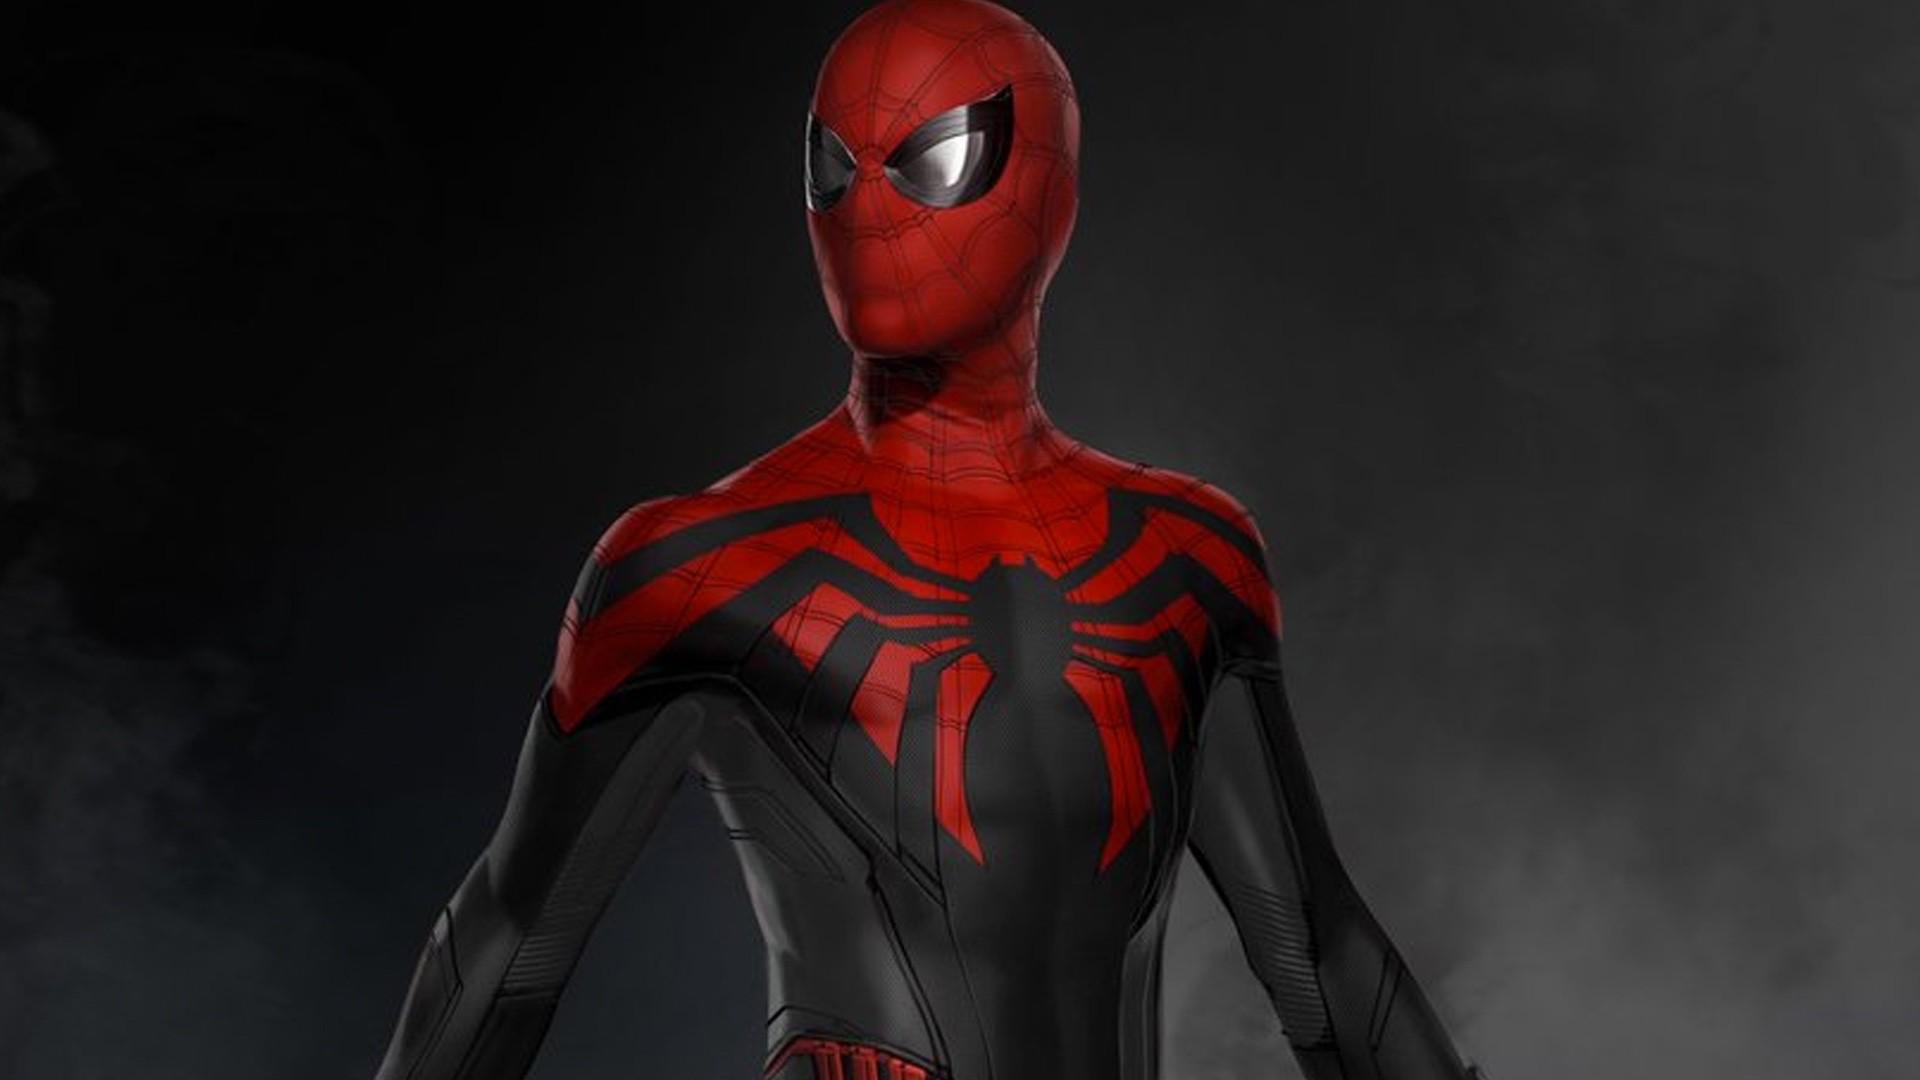 6 bộ giáp mà Tony Stark đã để lại cho Spider-Man trước khi hy sinh trong Avengers: Endgame - Ảnh 3.